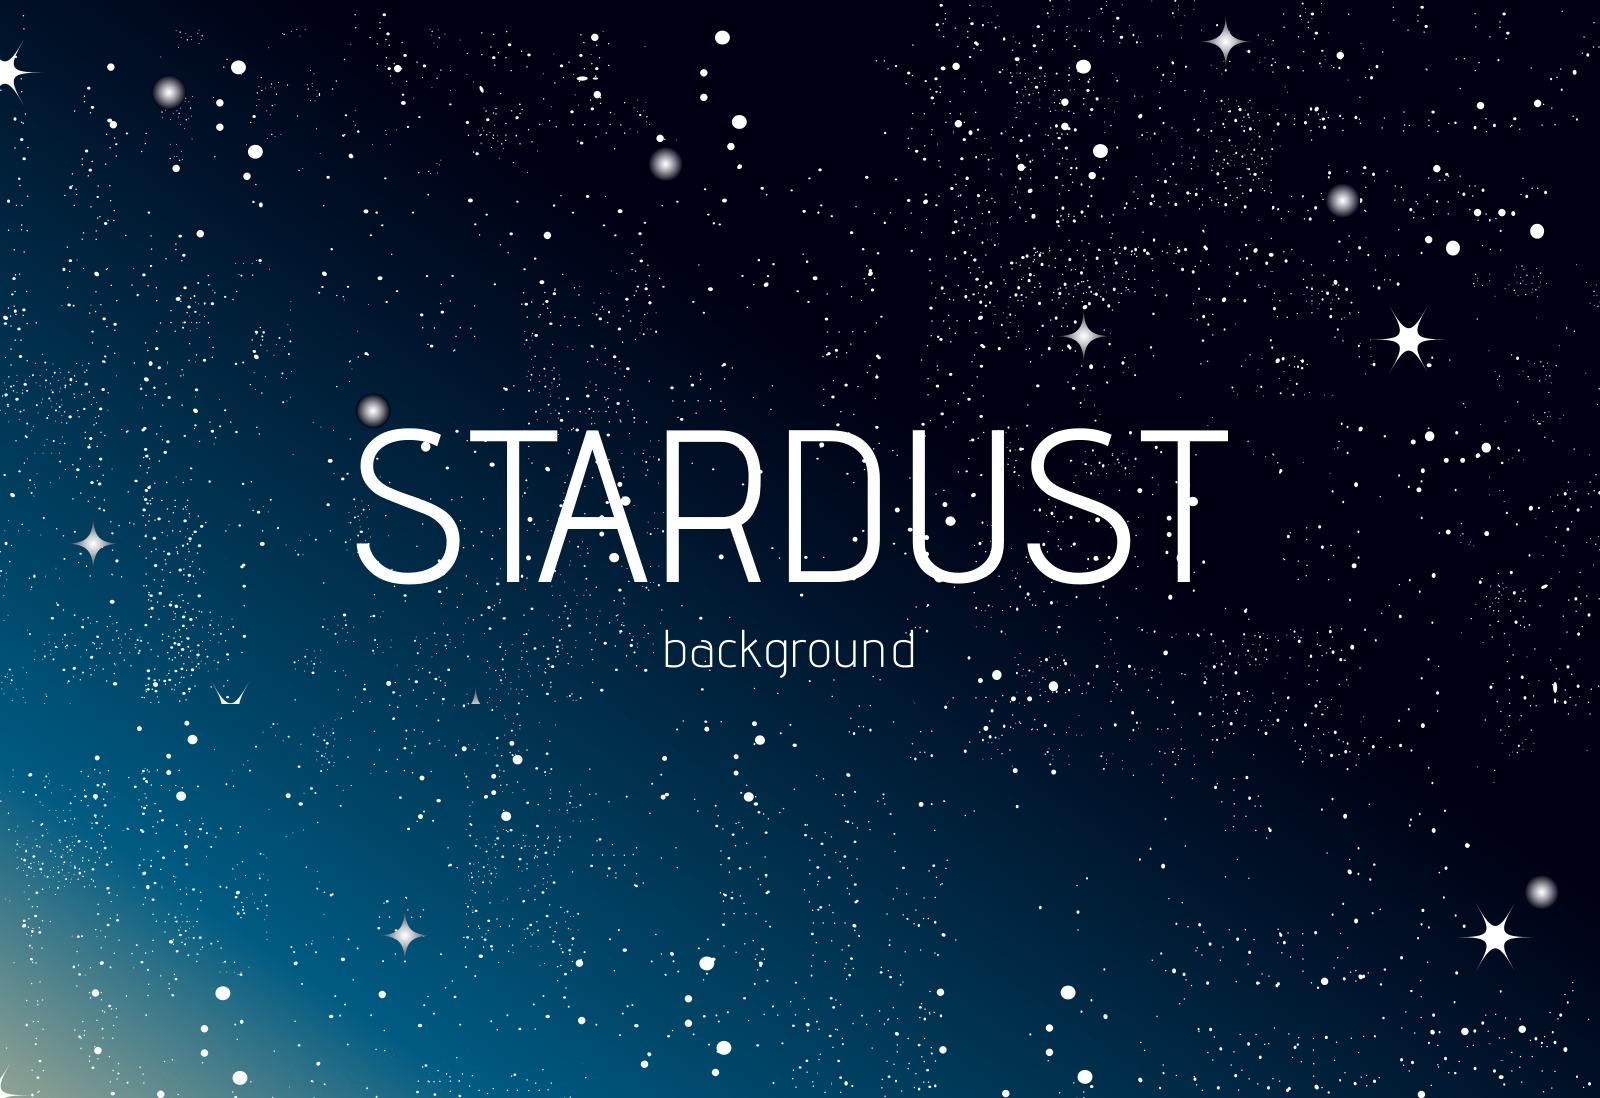 Stardust Vector Background Download Free Vector Art